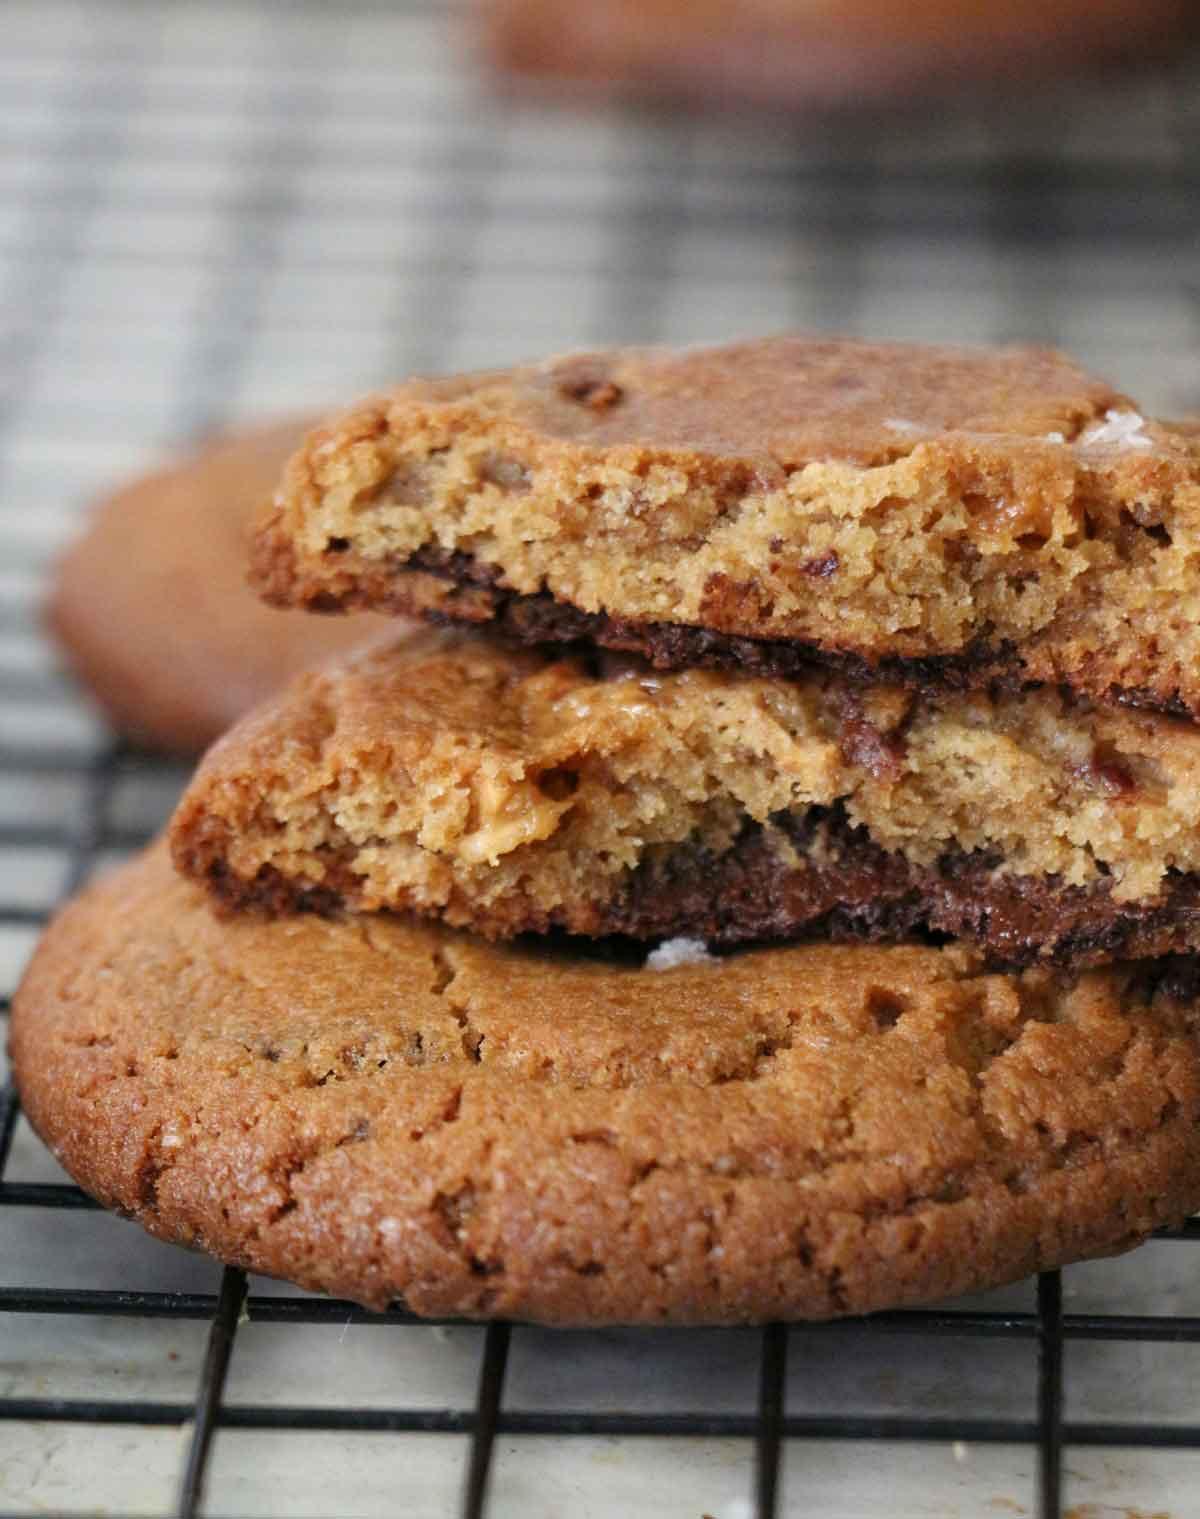 עוגיות חמאת בוטנים, שוקולד מריר, שוקולד חלב וסניקרס